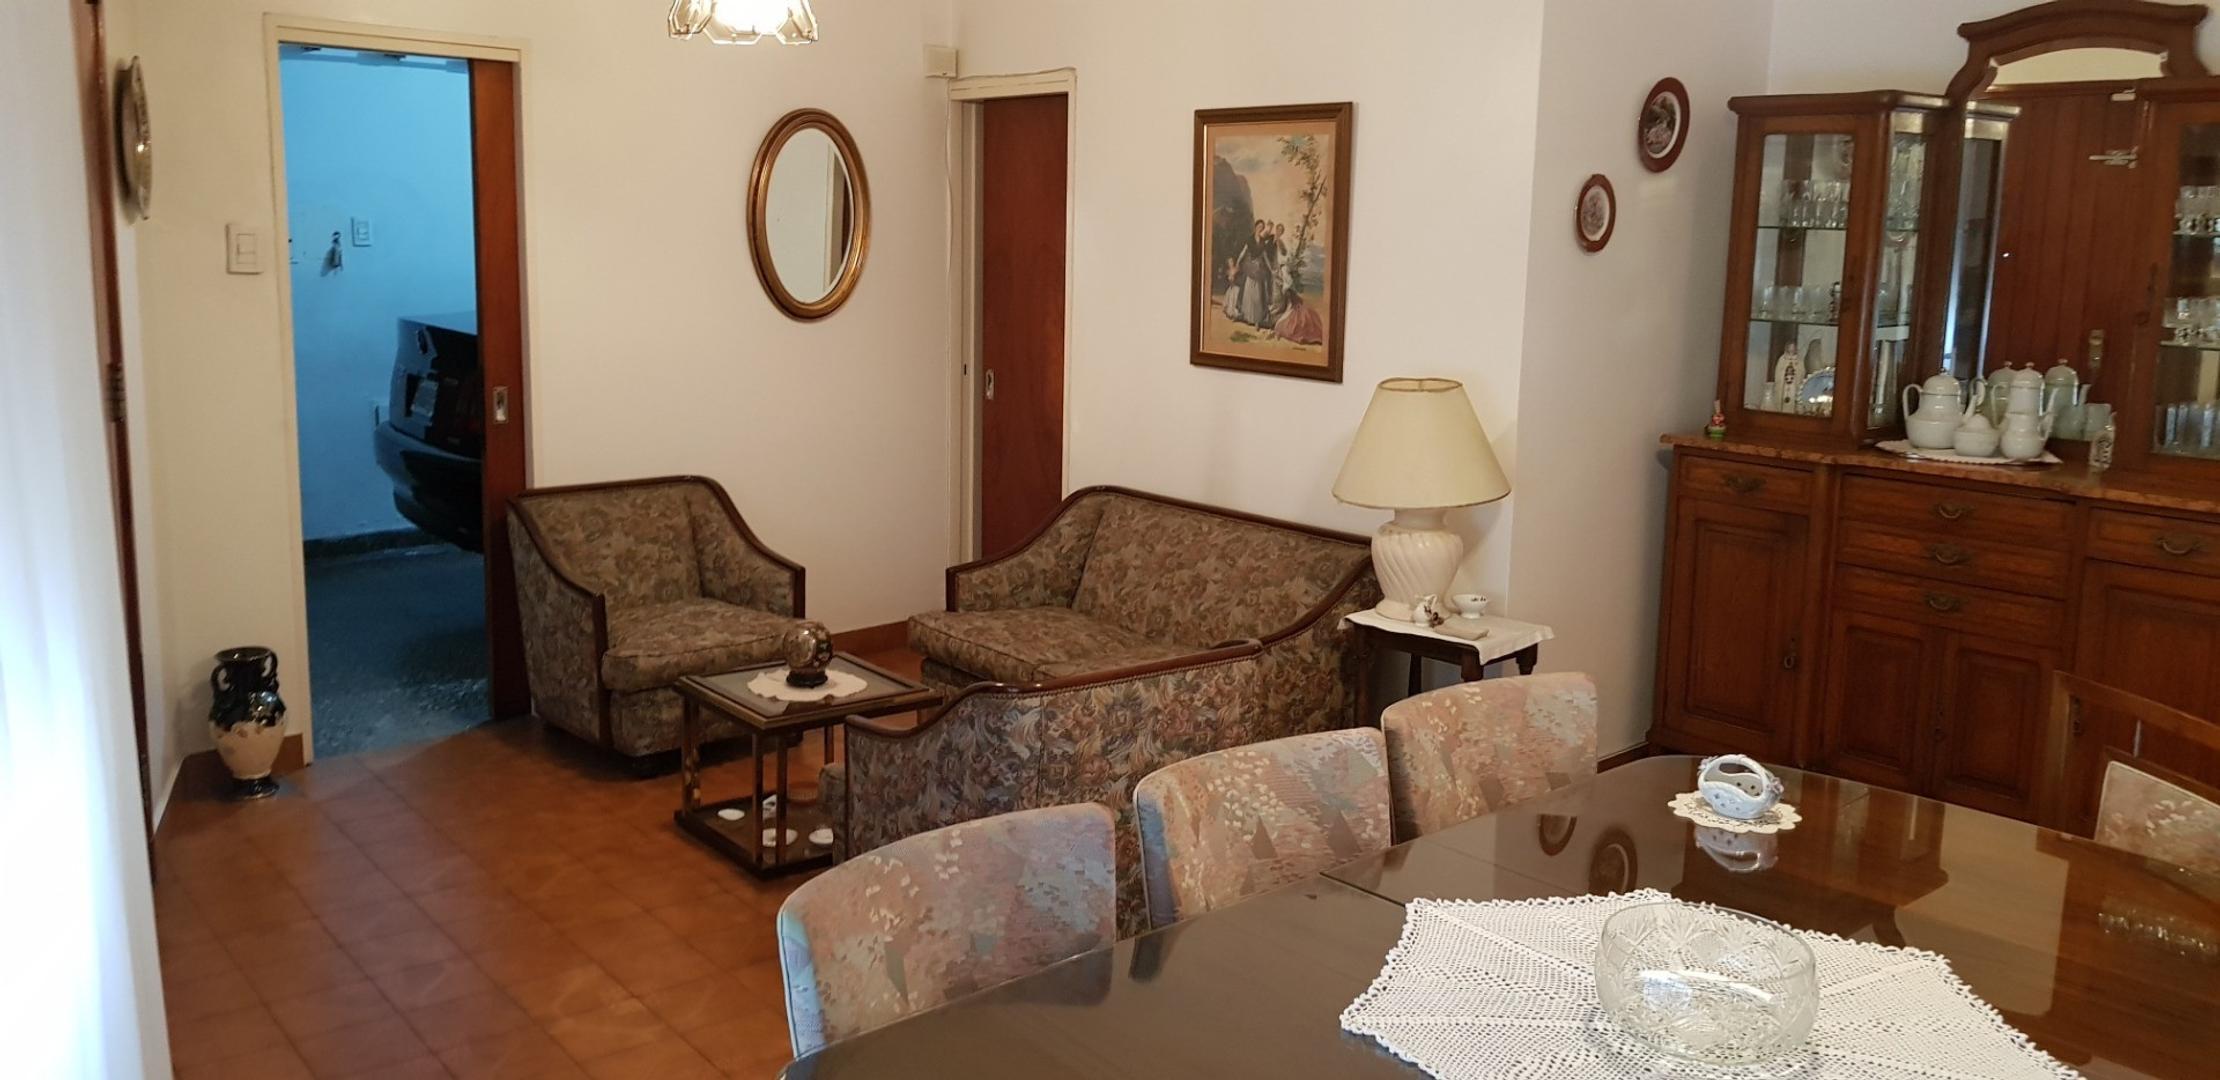 Casa en Venta en Parque Chacabuco - 3 ambientes